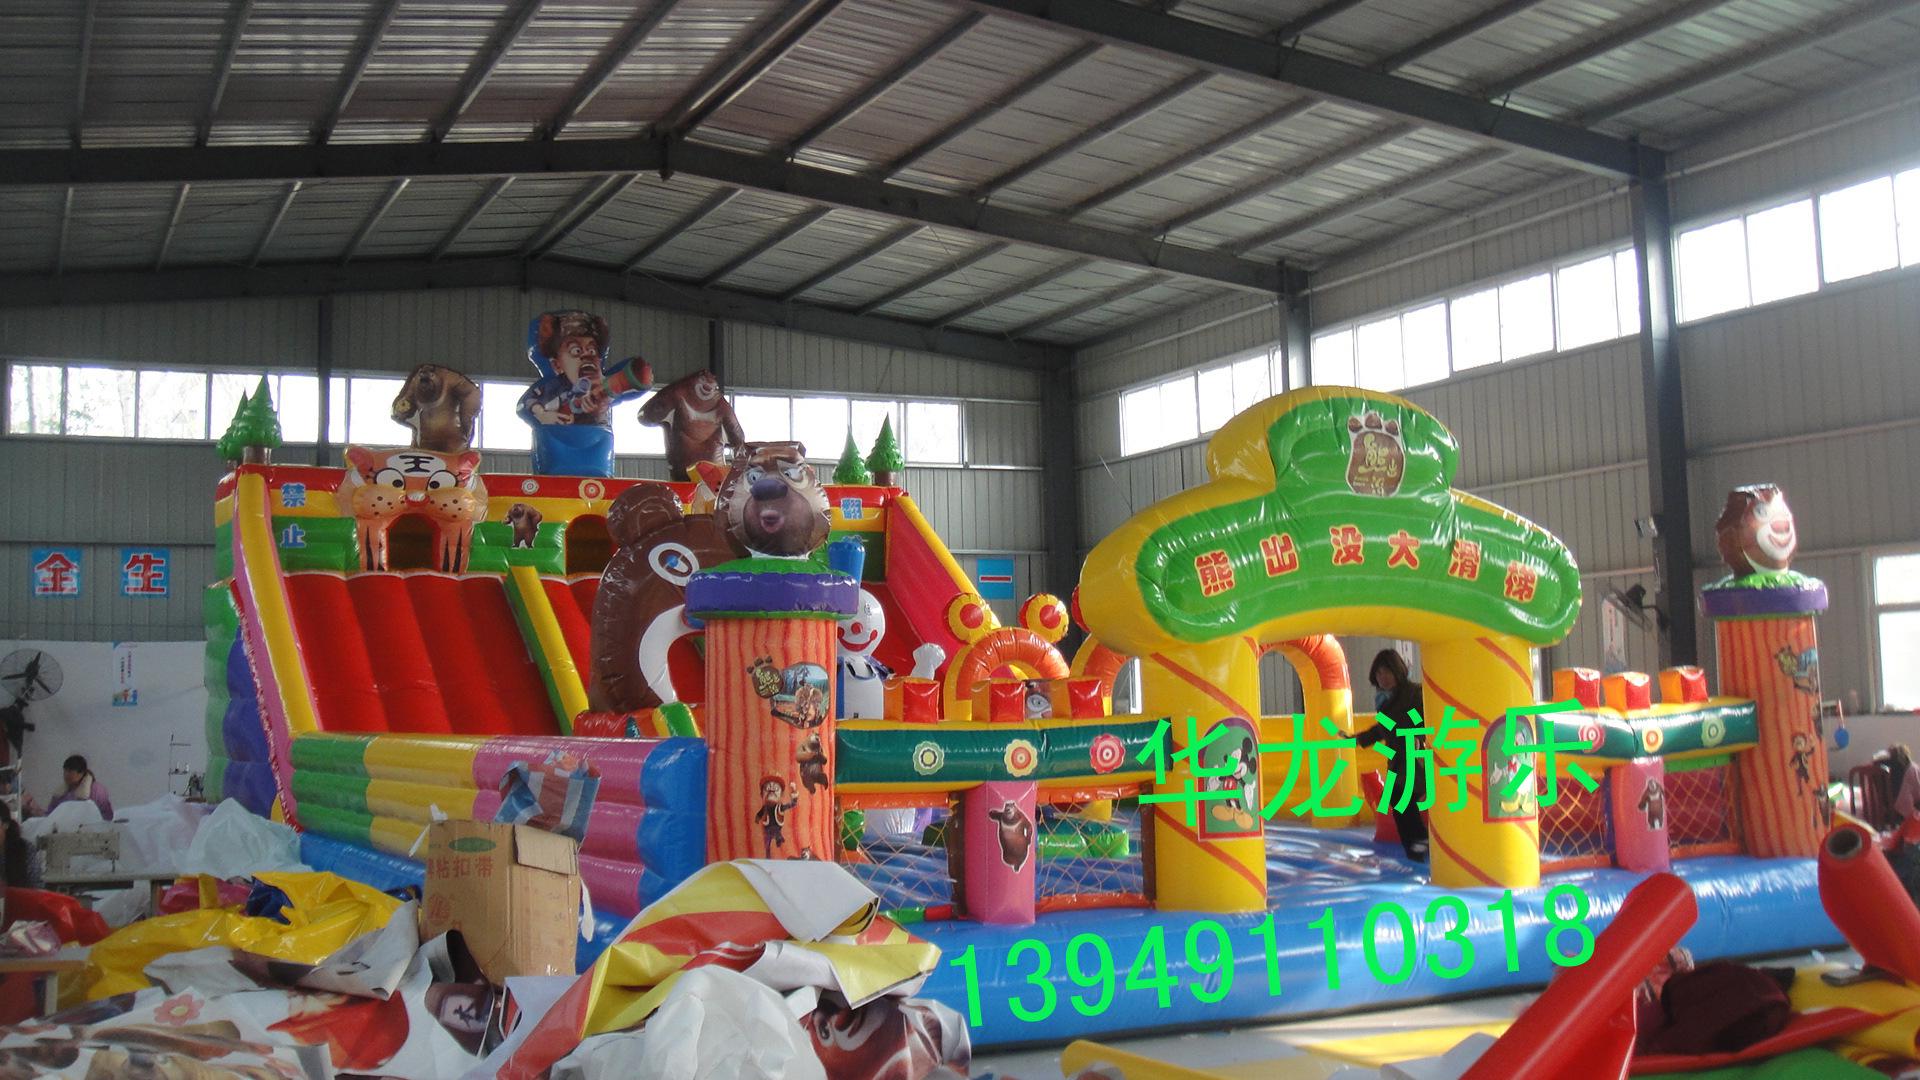 小型室内充气城堡 充气城堡厂家儿童乐园小区 儿童蹦蹦床 -充气蹦蹦床